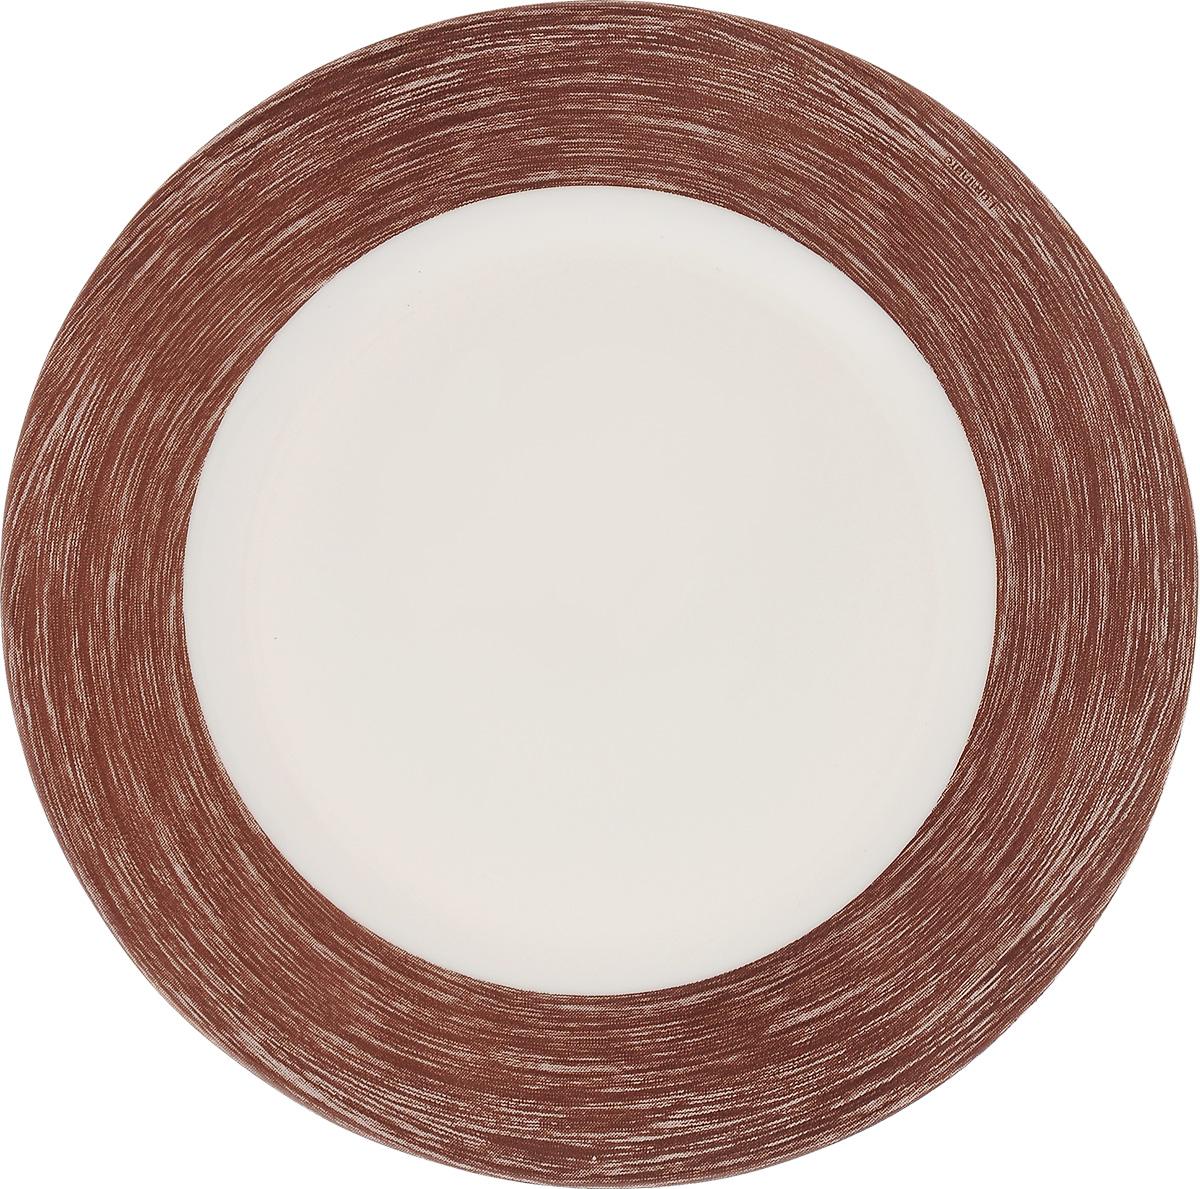 Тарелка десертная Luminarc Color Days Chocolate, 19 смL1533Десертная тарелка Luminarc Color Days Chocolate, изготовленная из ударопрочного стекла, имеет изысканный внешний вид. Такая тарелка прекрасно подходит как для торжественных случаев, так и для повседневного использования. Идеальна для подачи десертов, пирожных, тортов и многого другого. Она прекрасно оформит стол и станет отличным дополнением к вашей коллекции кухонной посуды. Диаметр тарелки (по верхнему краю): 19 см.